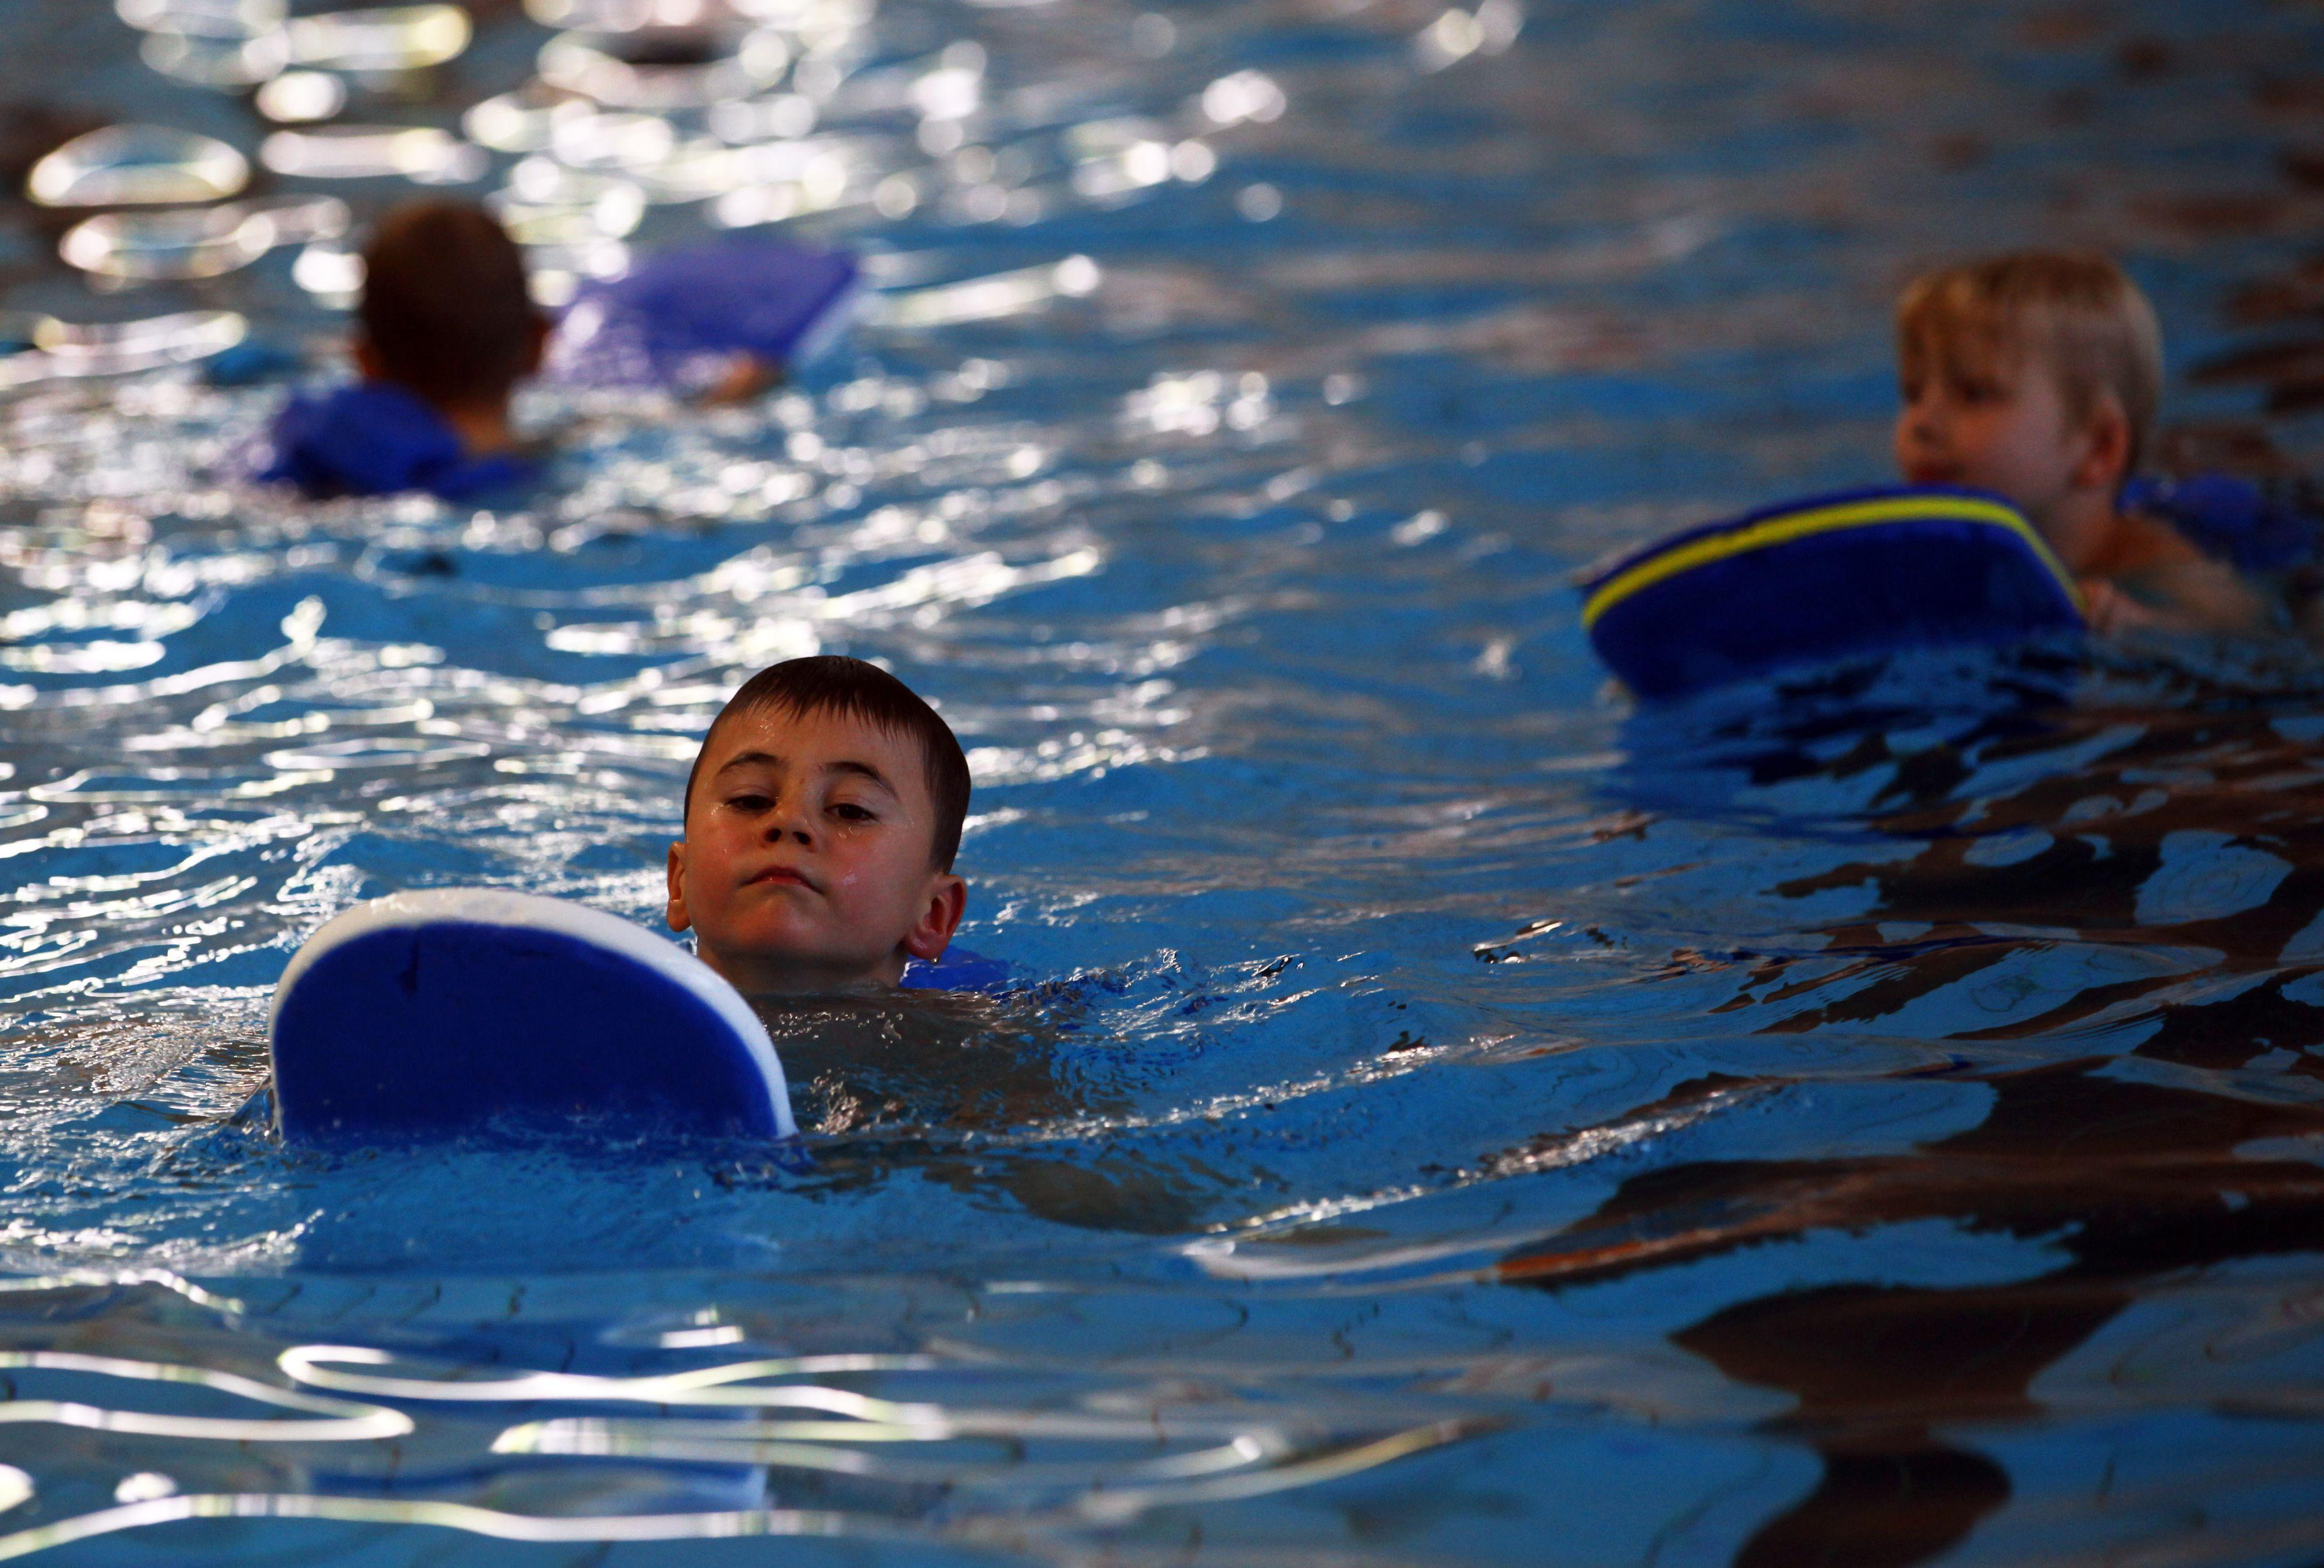 Für Anfänger: Der OSC Damme möchte mehr Seepferdchen-Kurse anbieten. Foto: dpa/Büttner